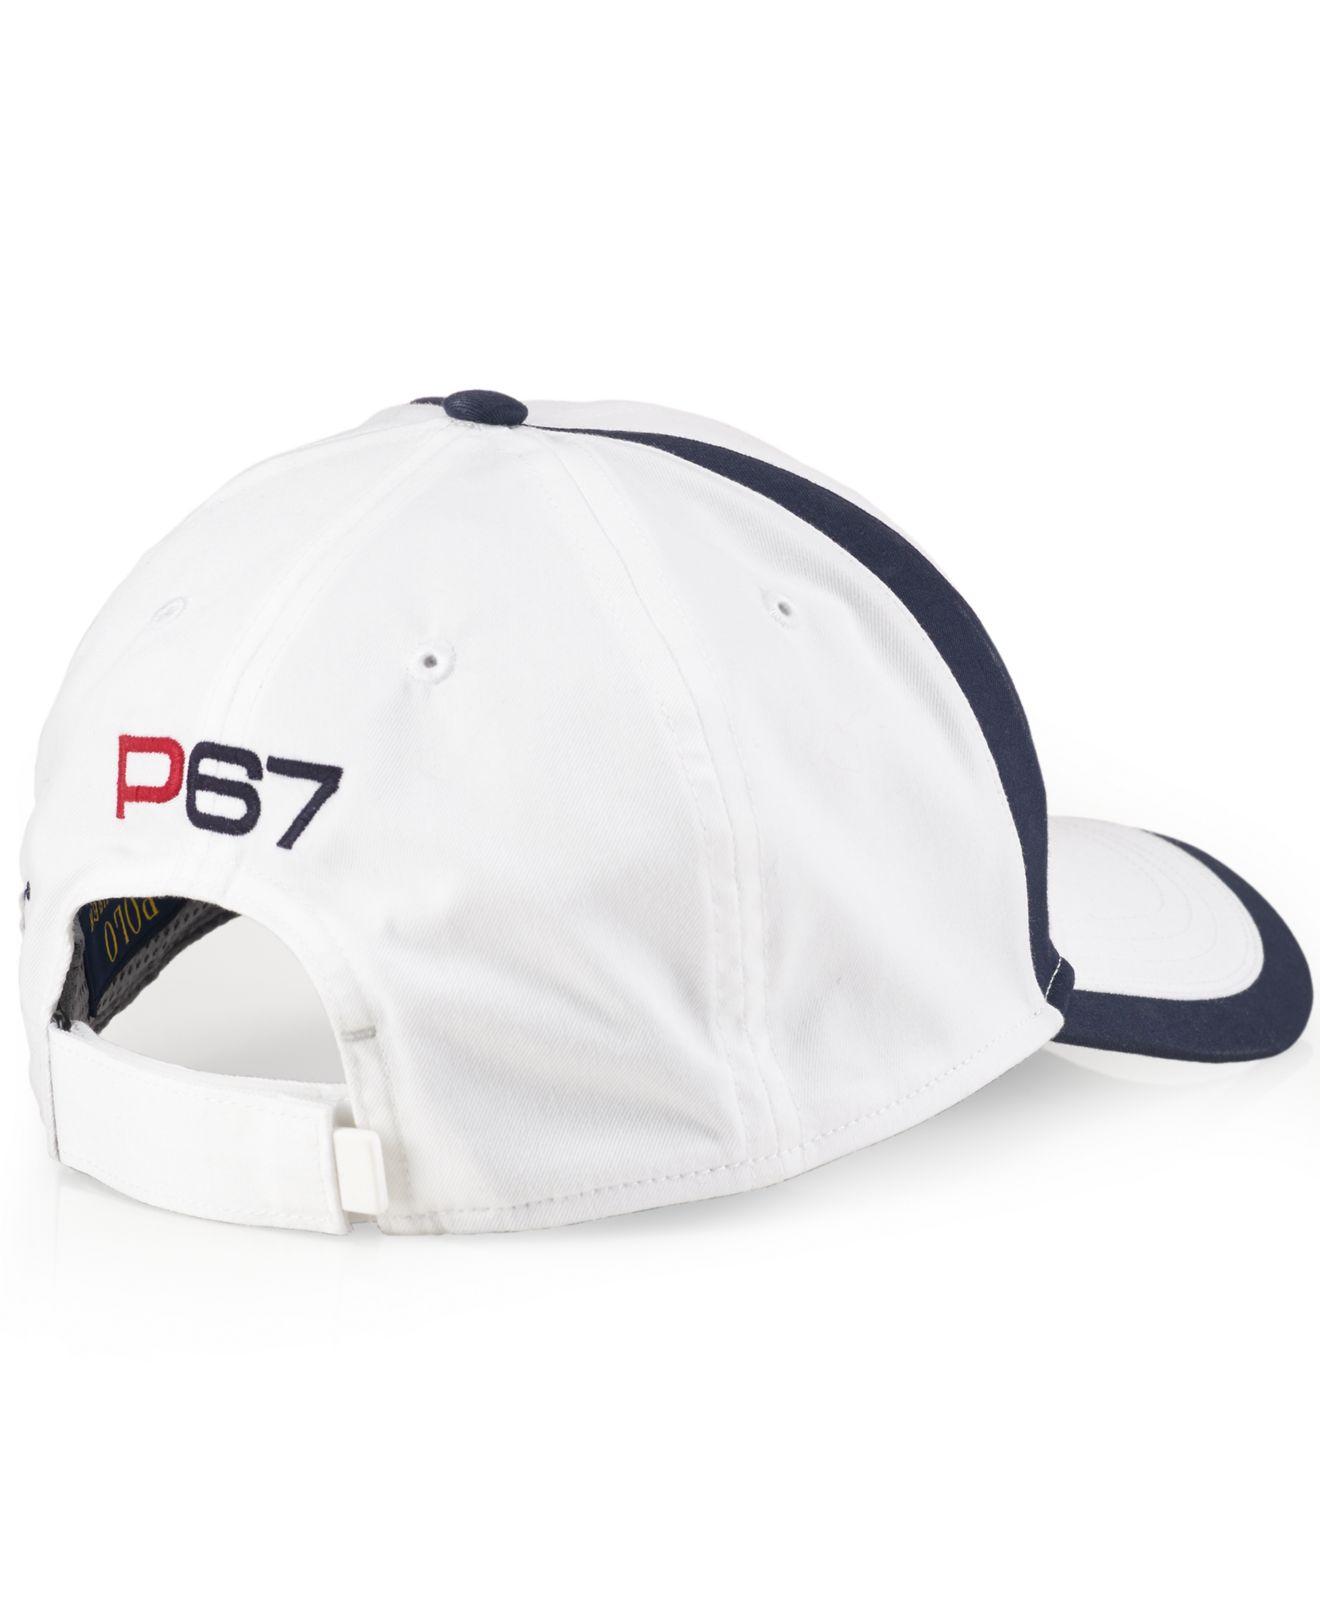 5ddf5e67 ... Polo Ralph Lauren Hats Gloves For Men: Polo Ralph Lauren Nautical Hat  In White For